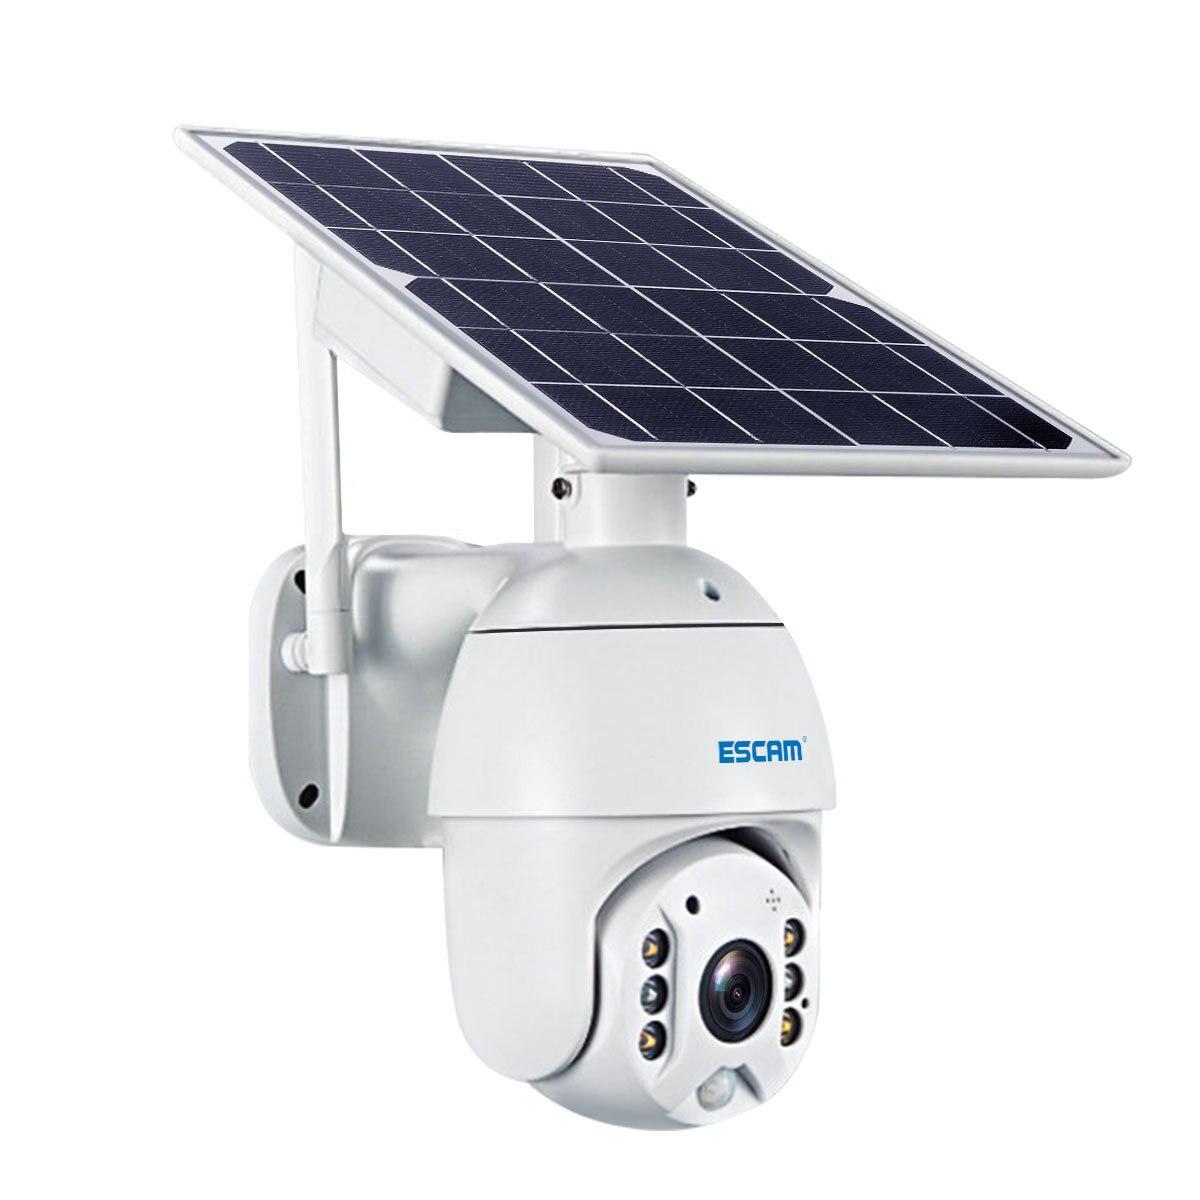 كاميرا المراقبة الخارجة بالطاقة الشمسية-PTZ solar camera